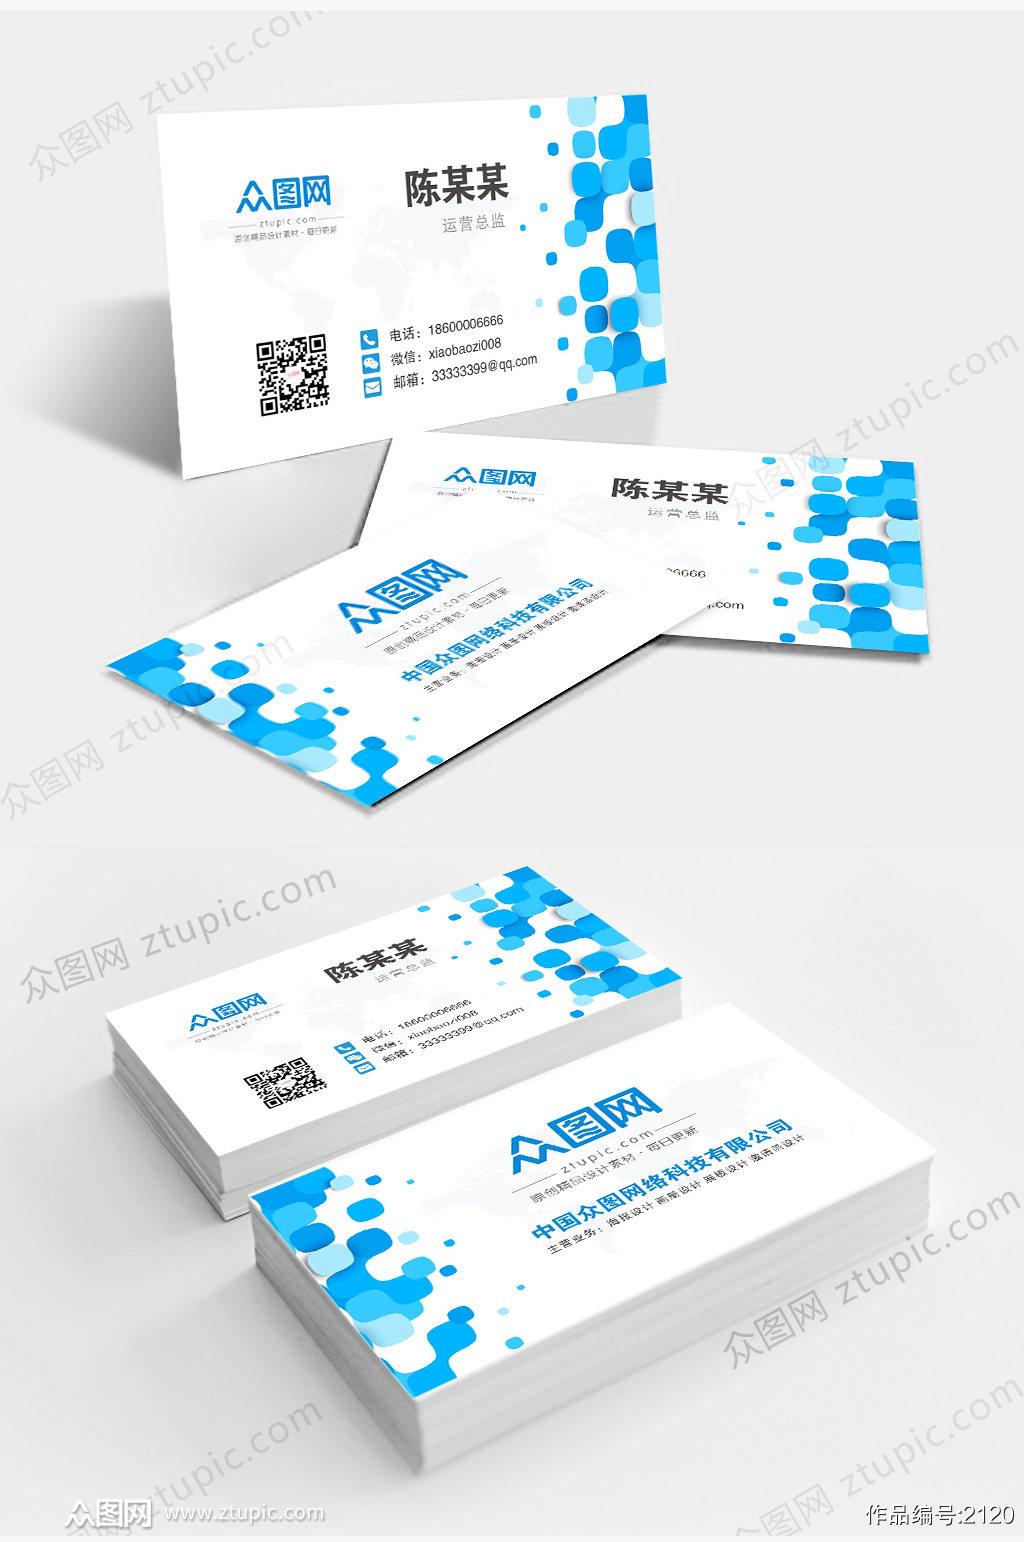 蓝色高端科技名片设计图片模板 名片背面素材